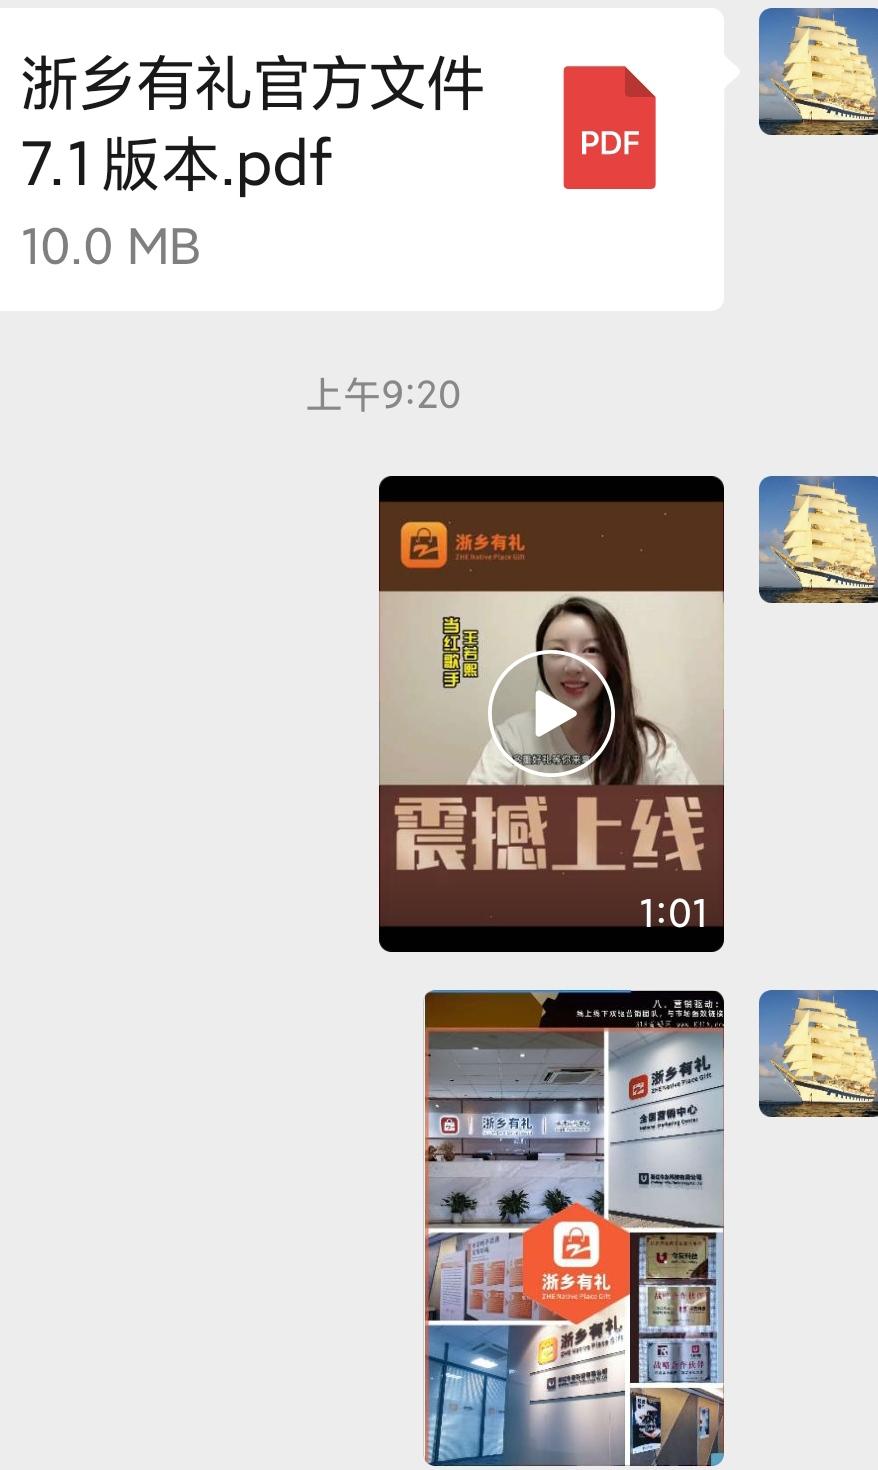 图片[1]-千万拉新奖,老中青明星代言,浙乡有礼拼团首码-首码社